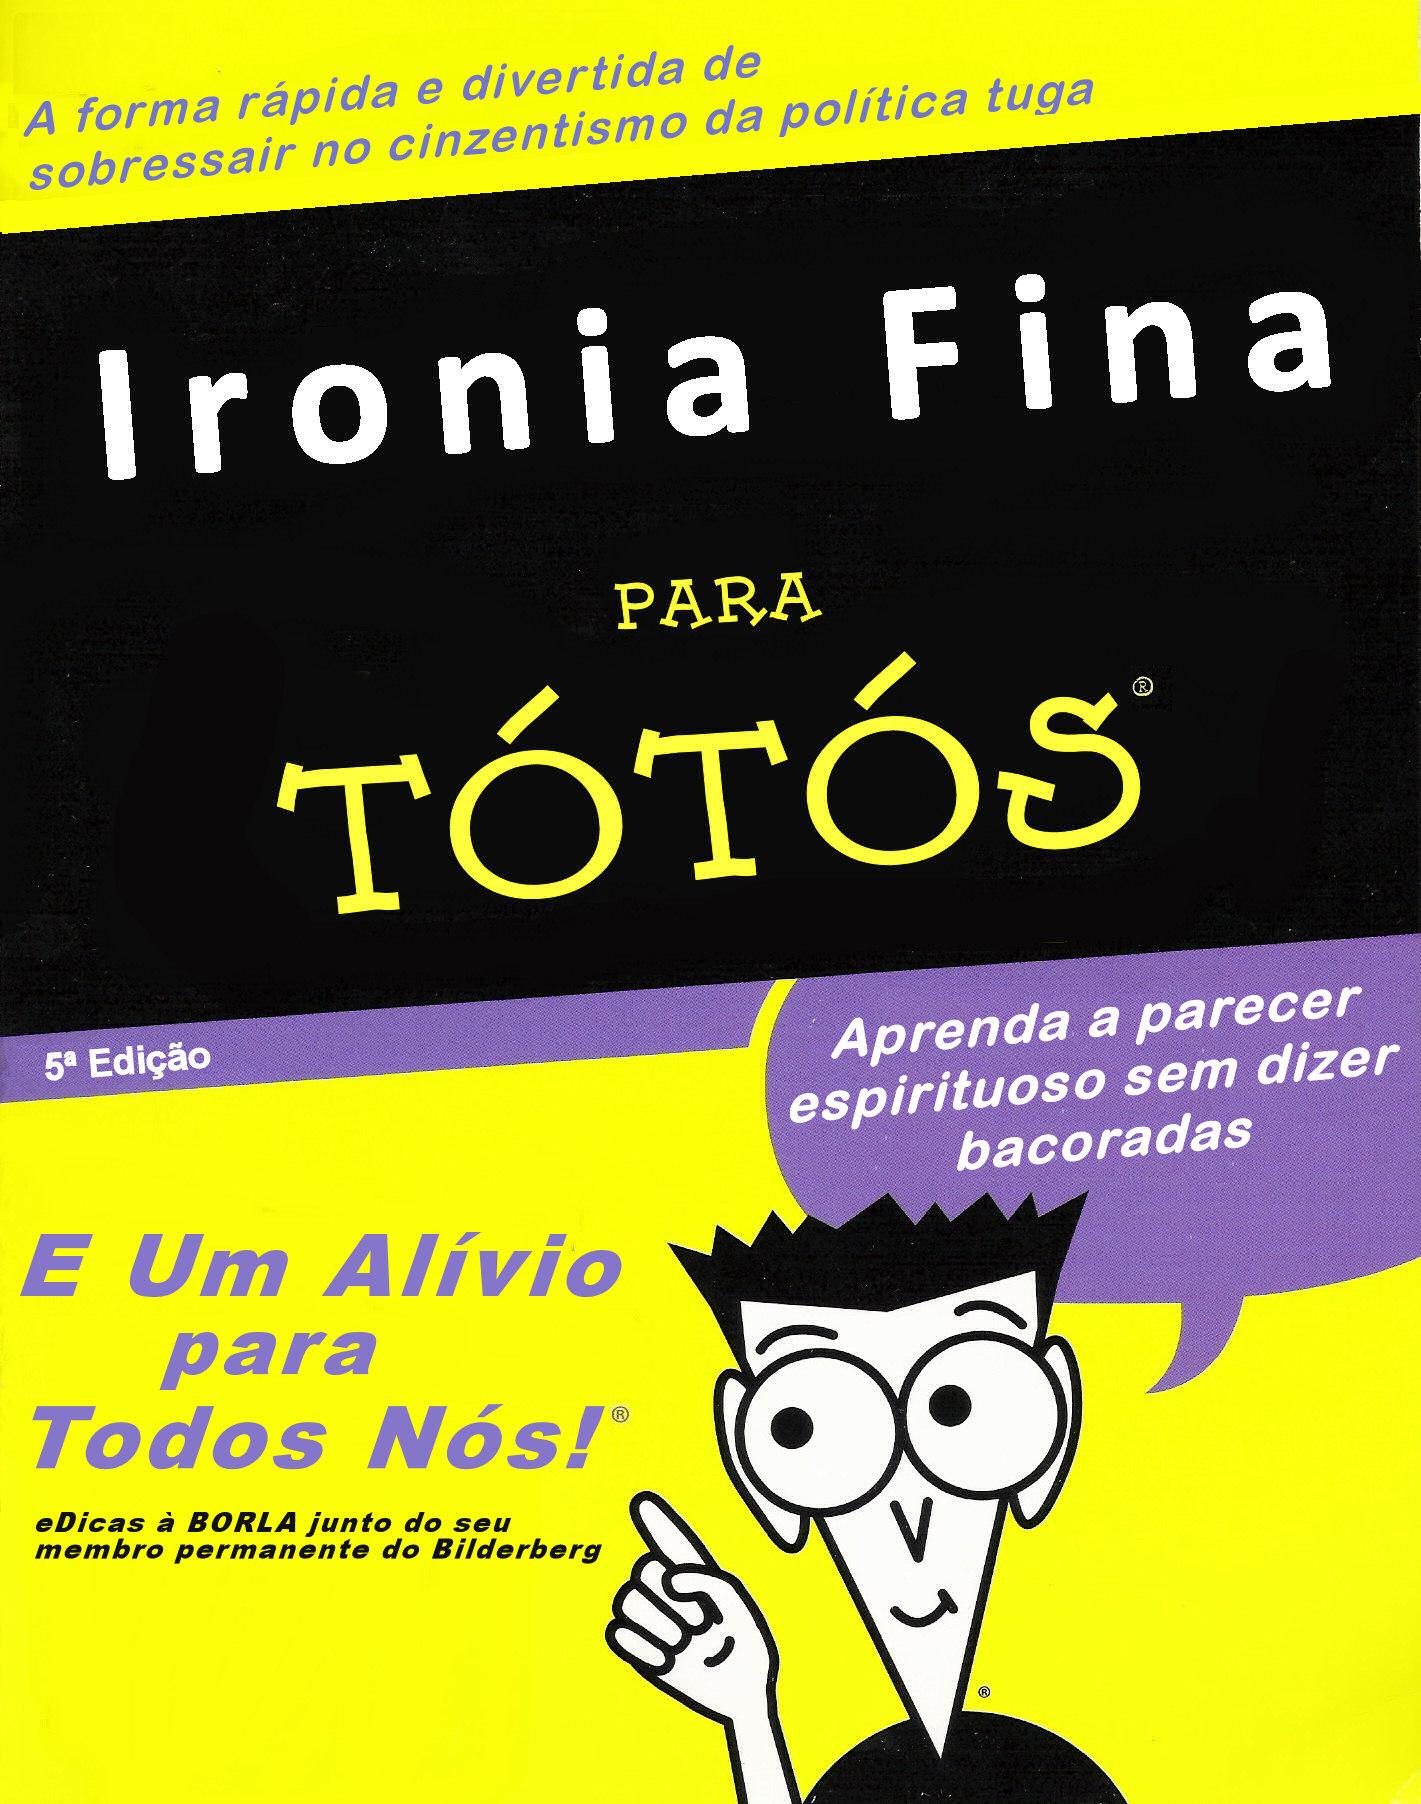 ironia_ptt